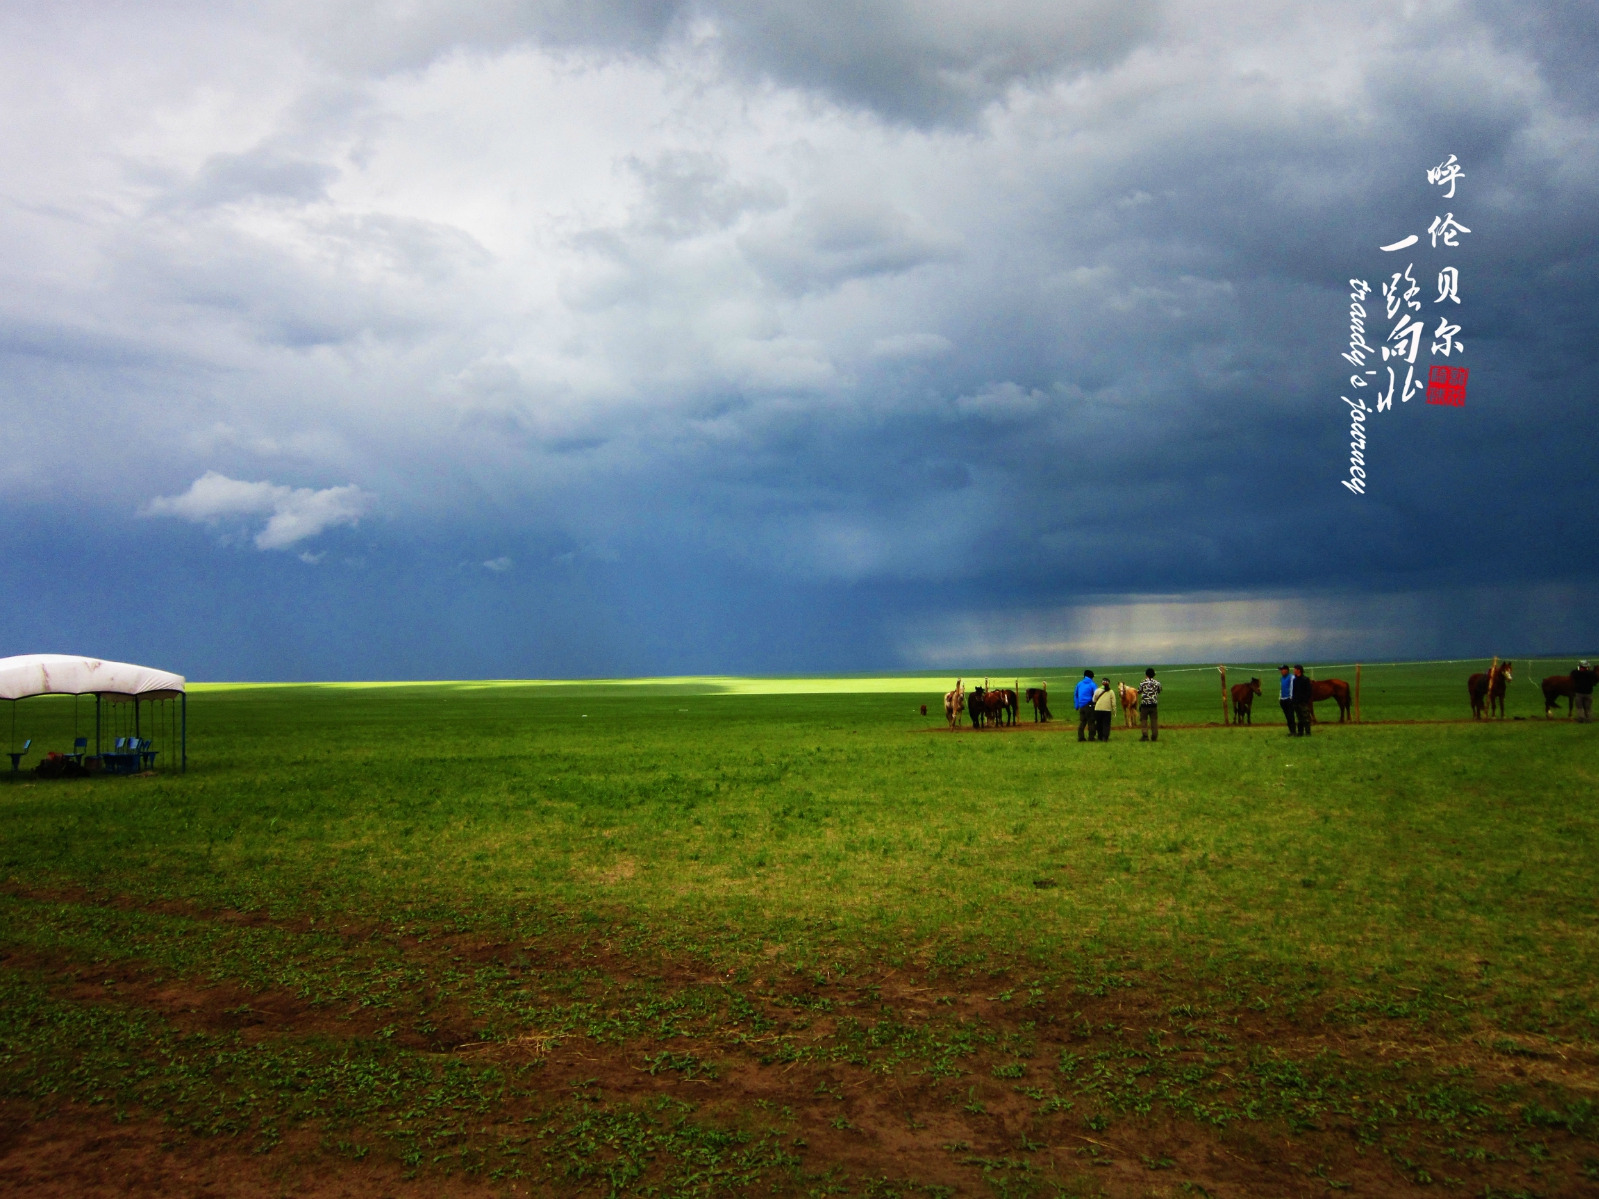 一路向北】北京哈尔滨齐齐哈尔呼伦贝尔-哈尔游魔手攻略副本域图片